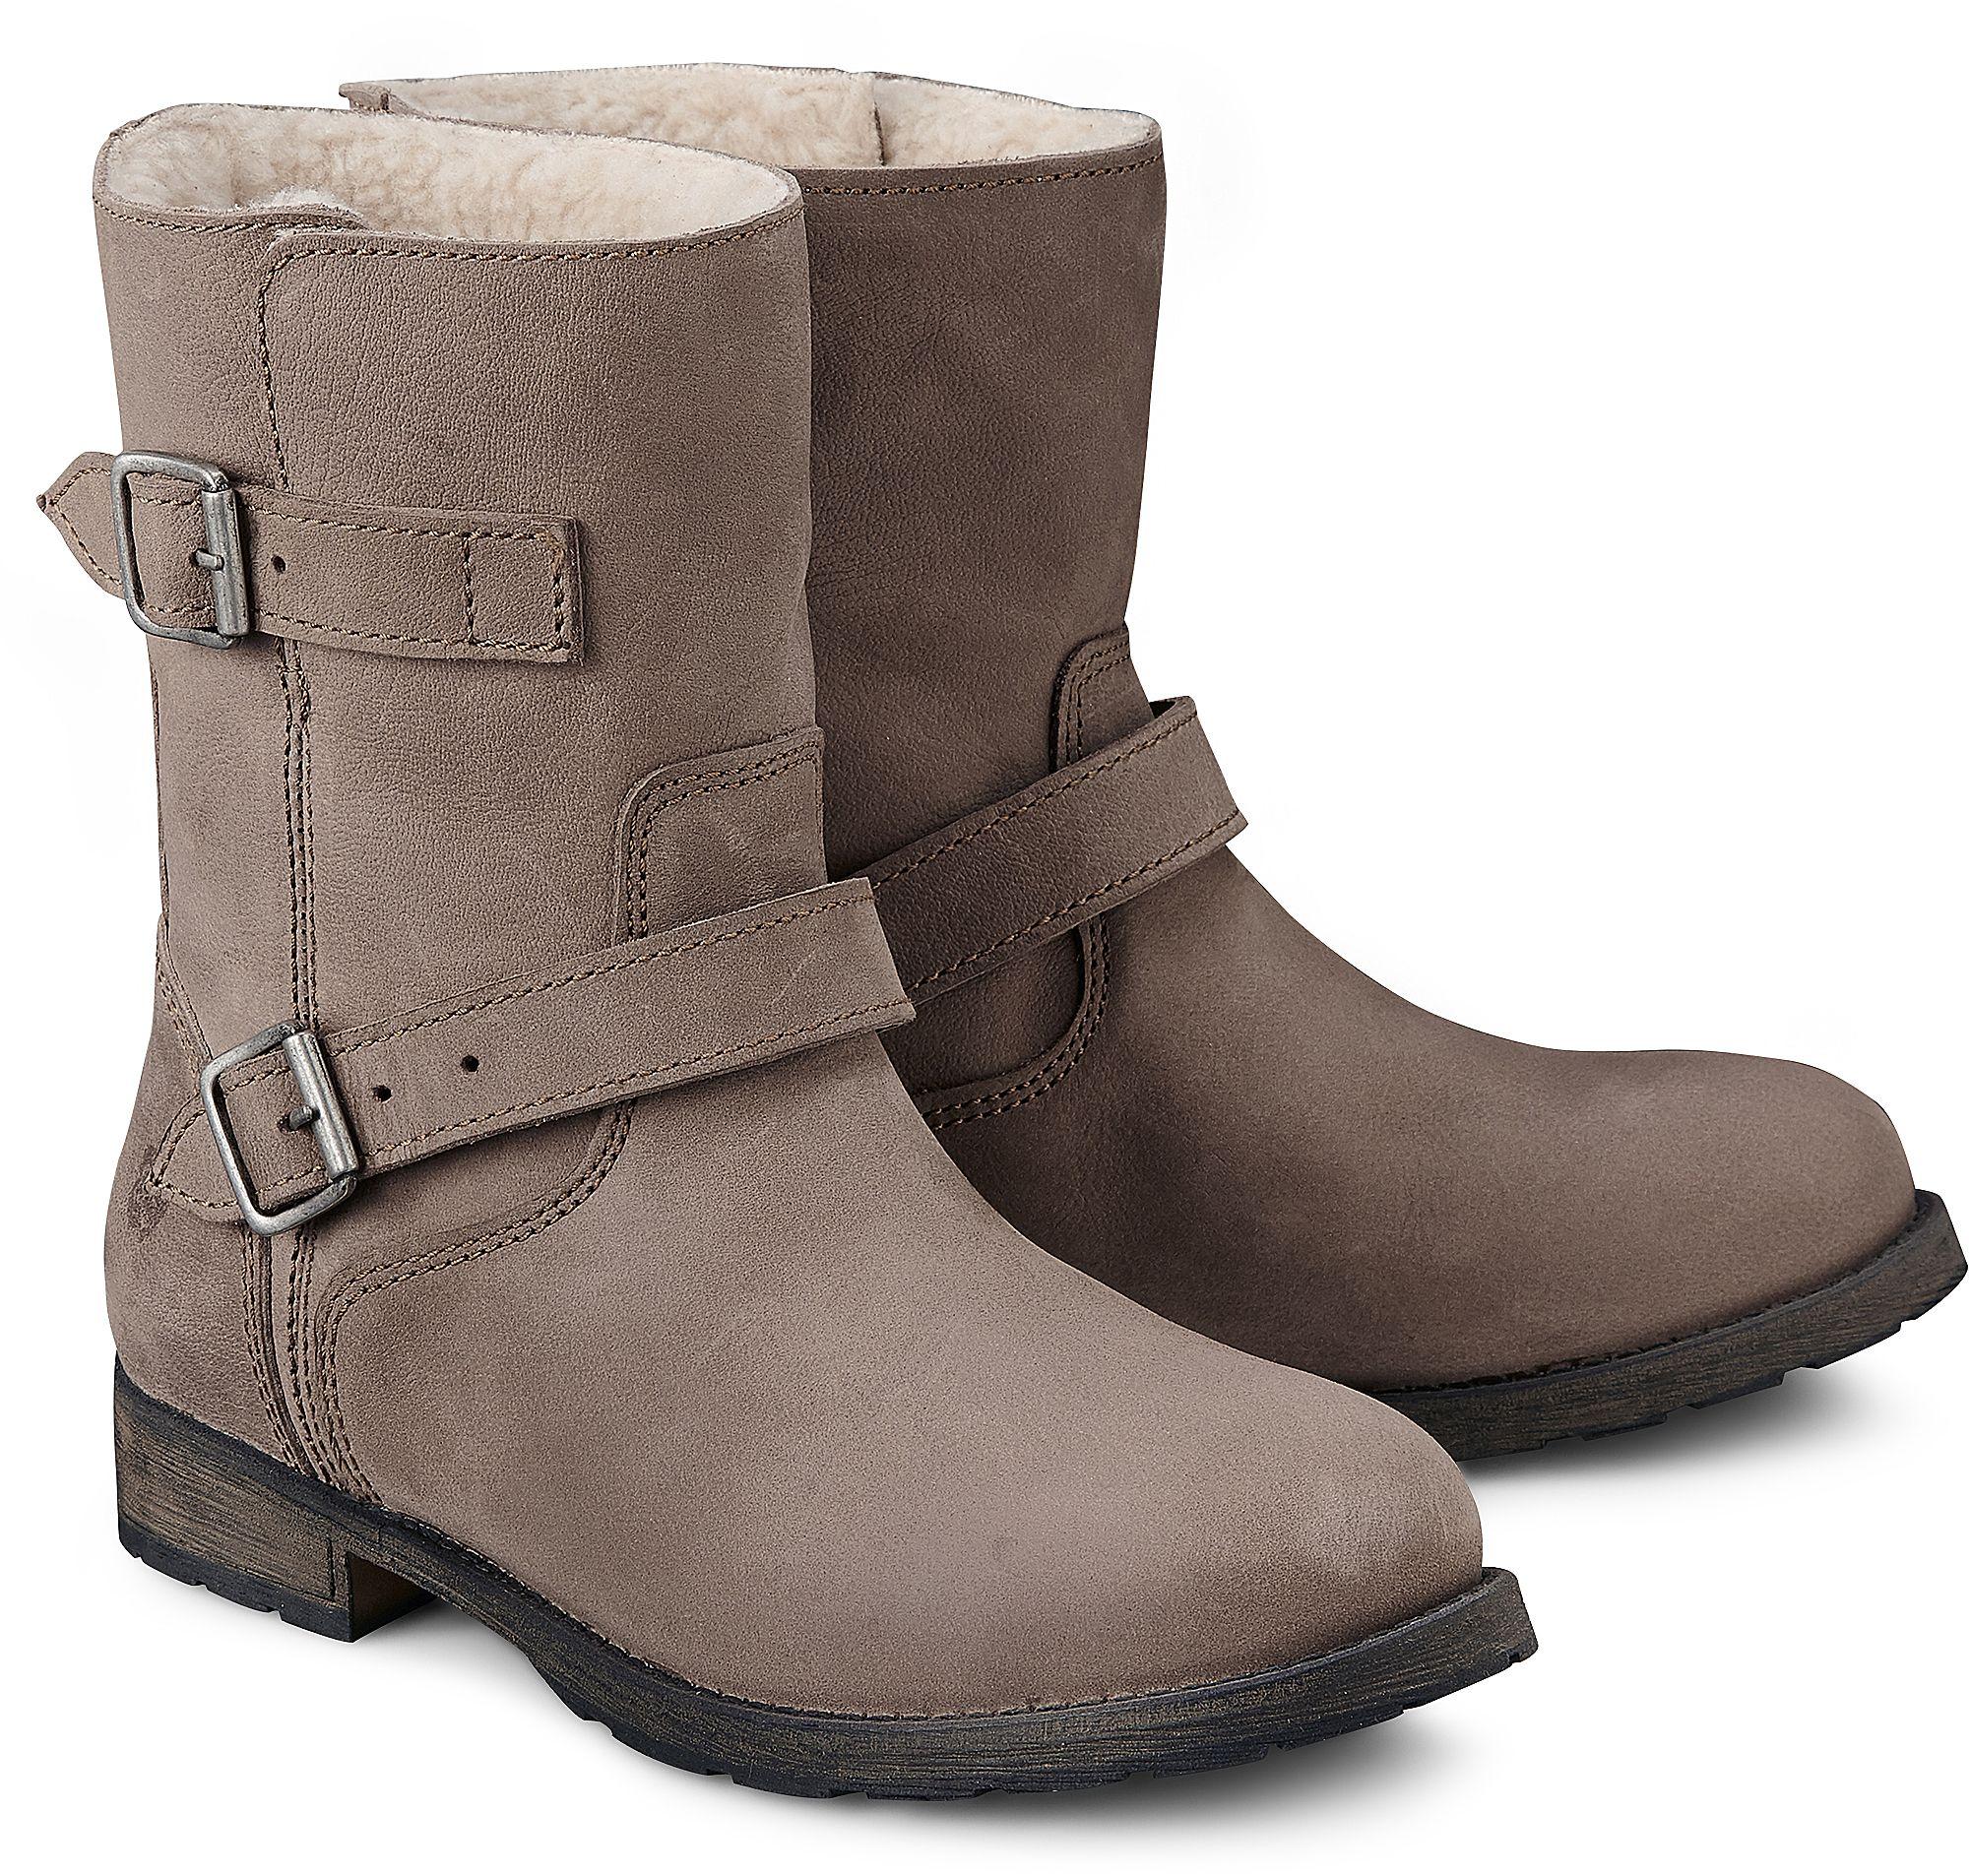 newest 55a1c 5822b Schuhe online kaufen